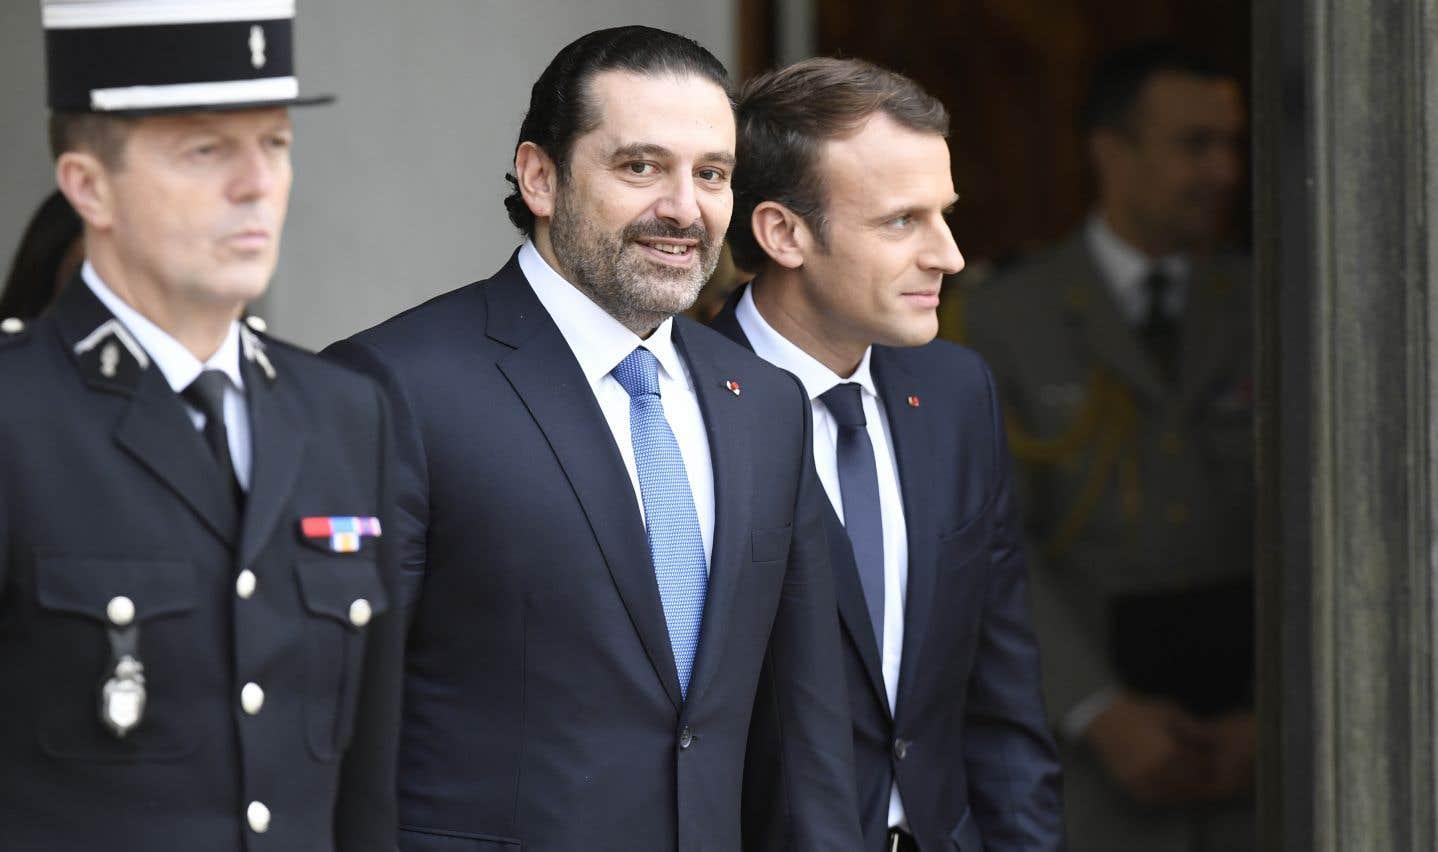 L'ex-premier ministre libanais (à gauche) en compagnie d'Emmanuel Macron lors de son passage au Palais de l'Élysée, le 18 novembre dernier.